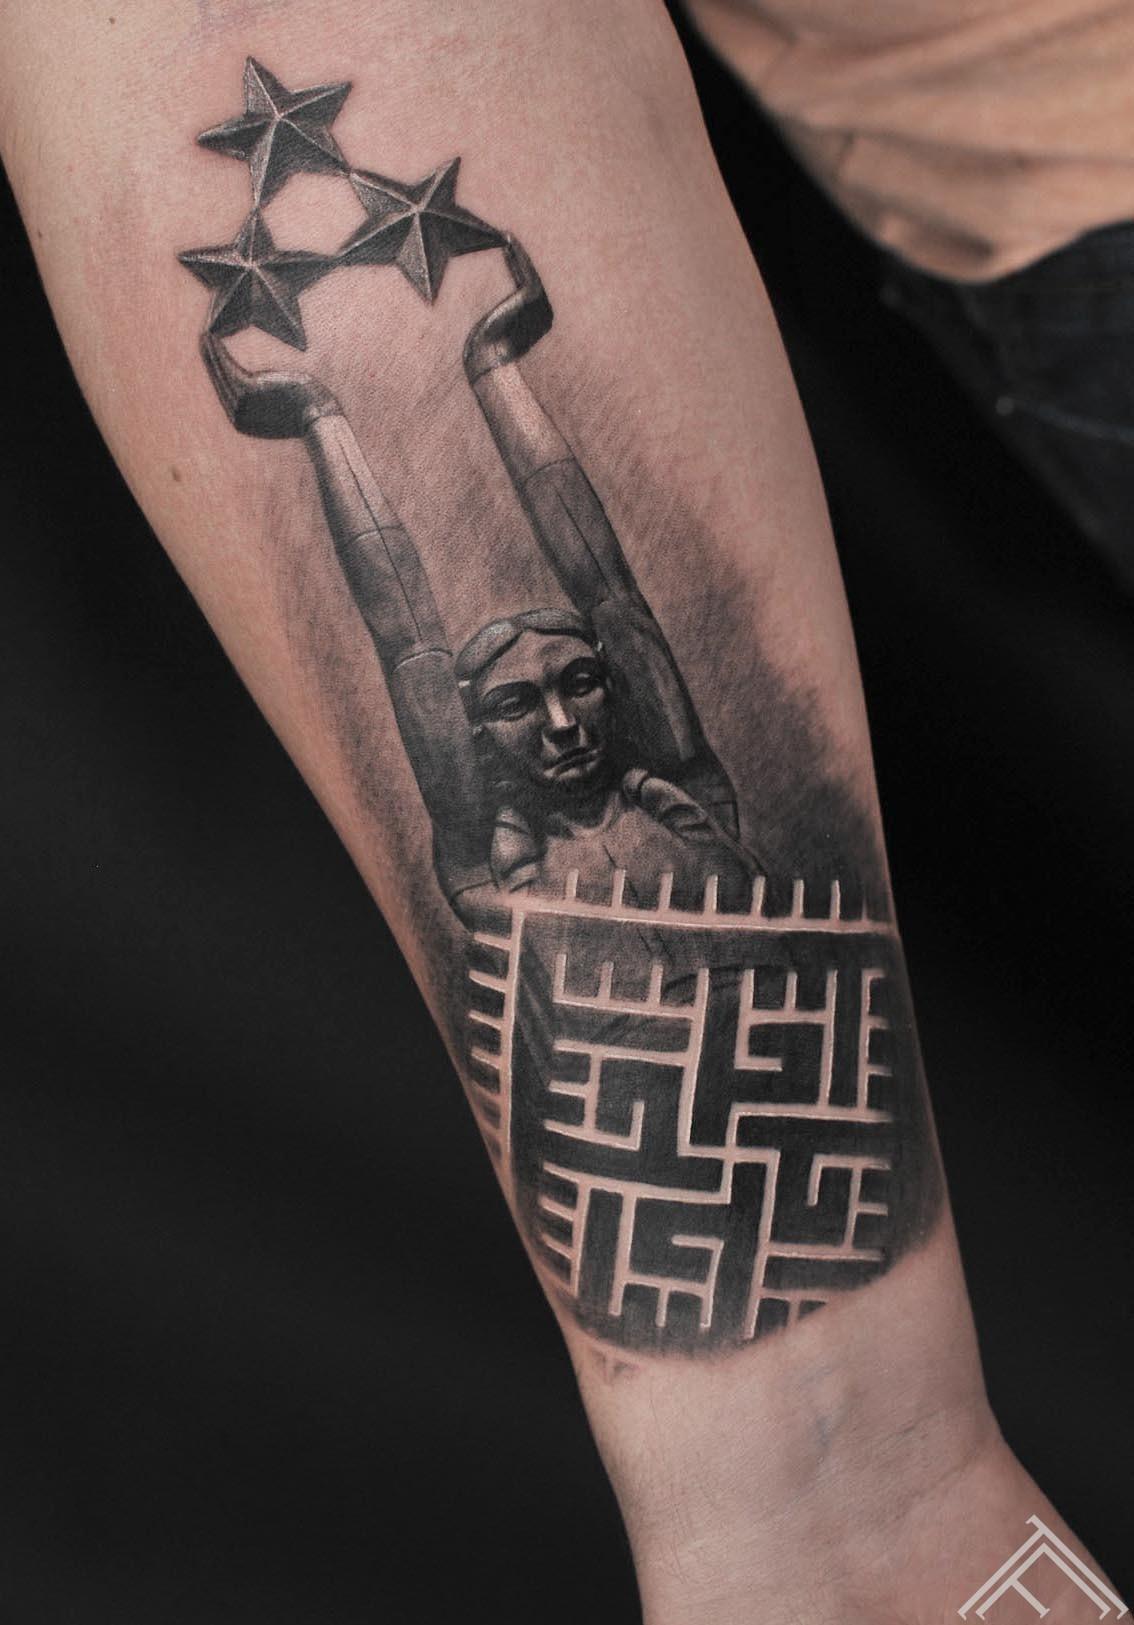 16-martinssilins-tattoo-tattoofrequency-milda-gerbonis-riga-latviesuzimes-latvija-simbols-symbol-latviansymbol-studija-salons-tetovesana-jumis-auseklis